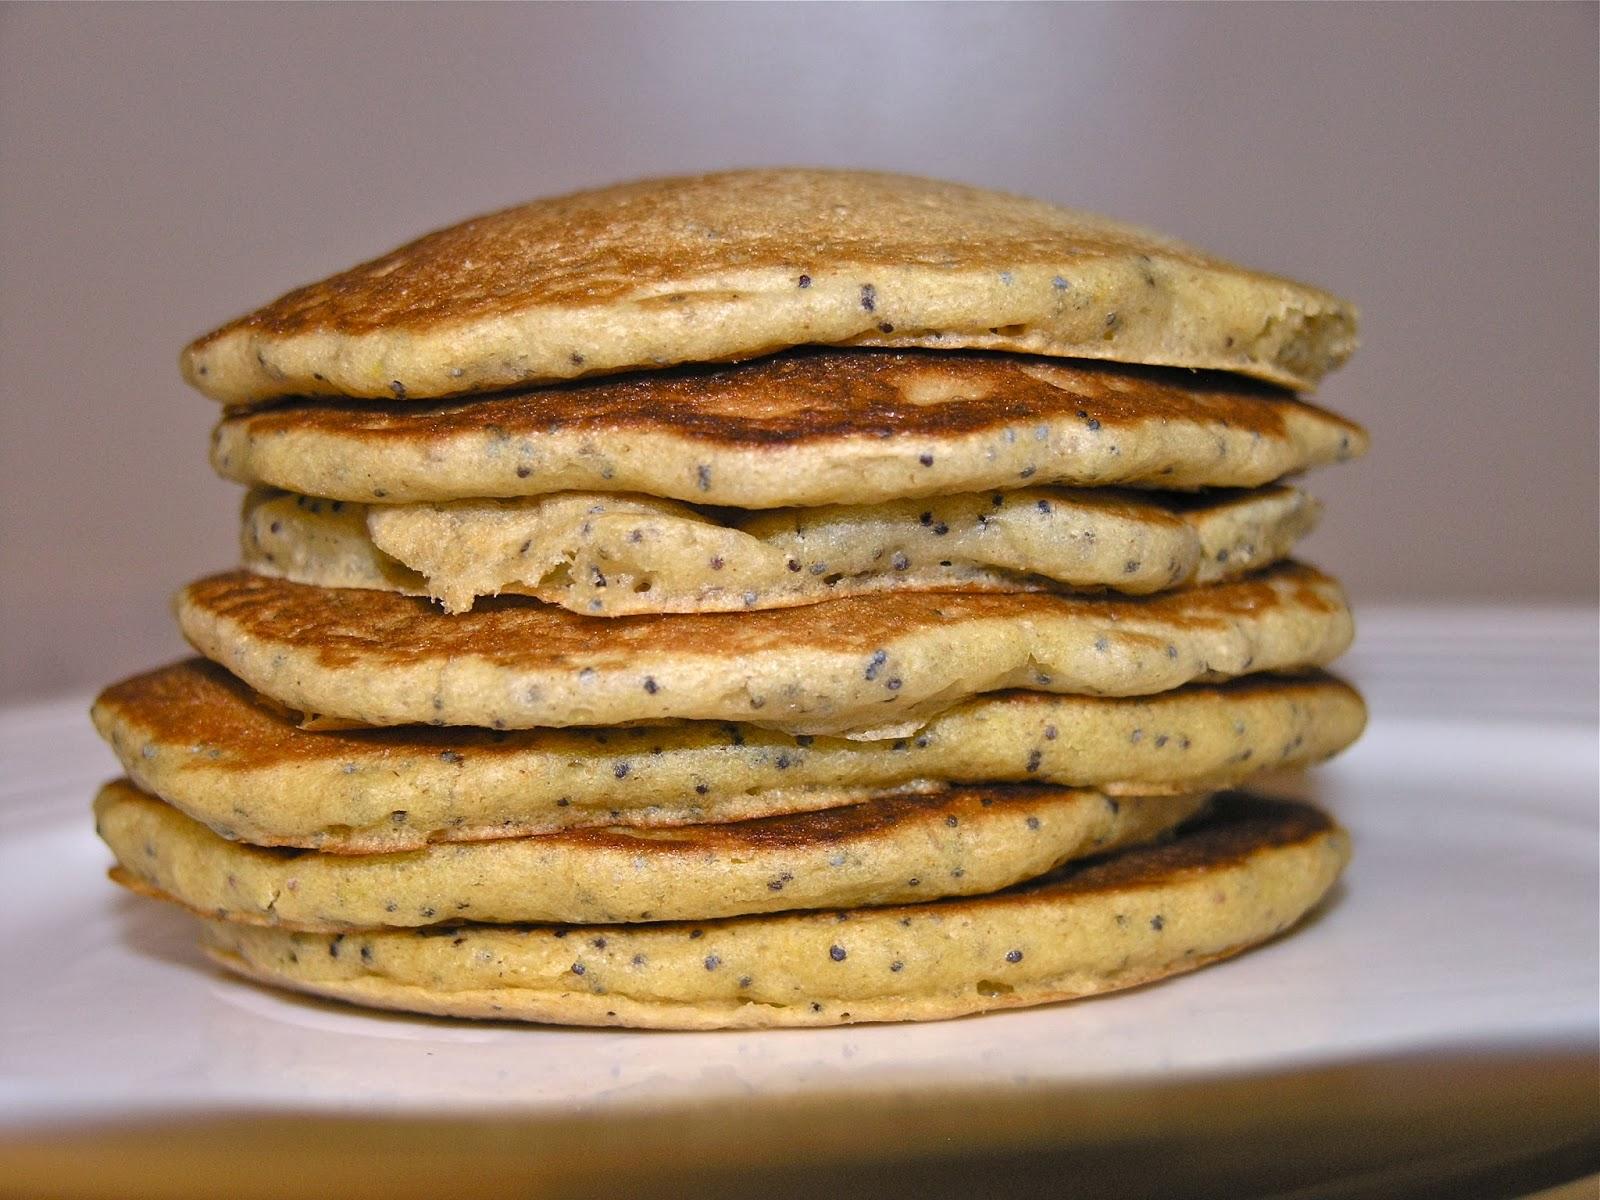 Life with JaM: Whole Wheat Lemon Poppyseed Pancakes with Lemony Glaze